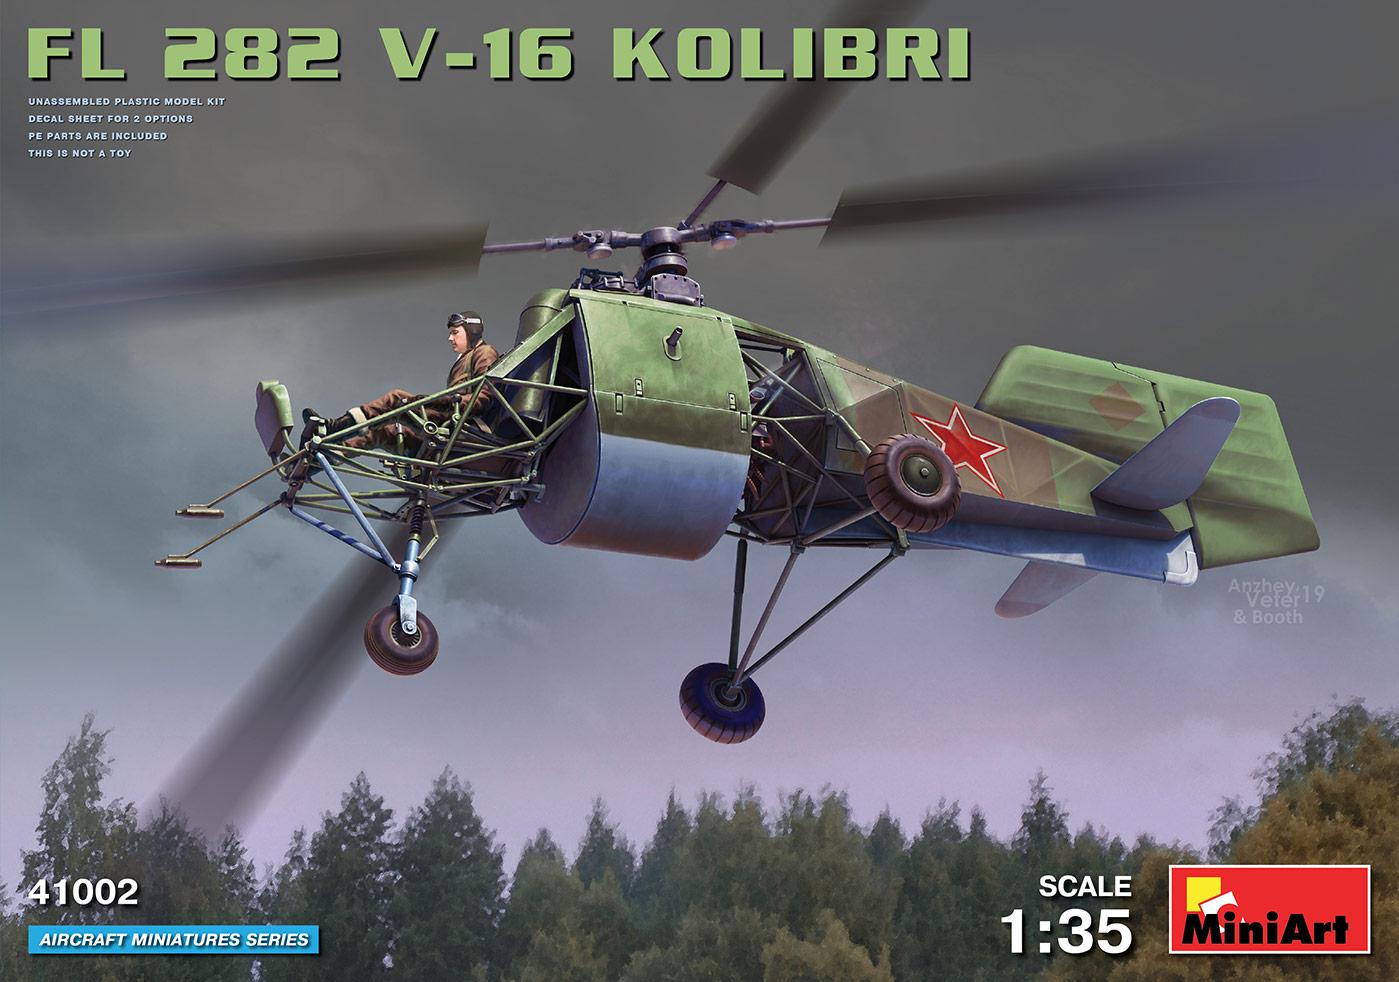 MiniArt Fl 282 V-16 Kolibri